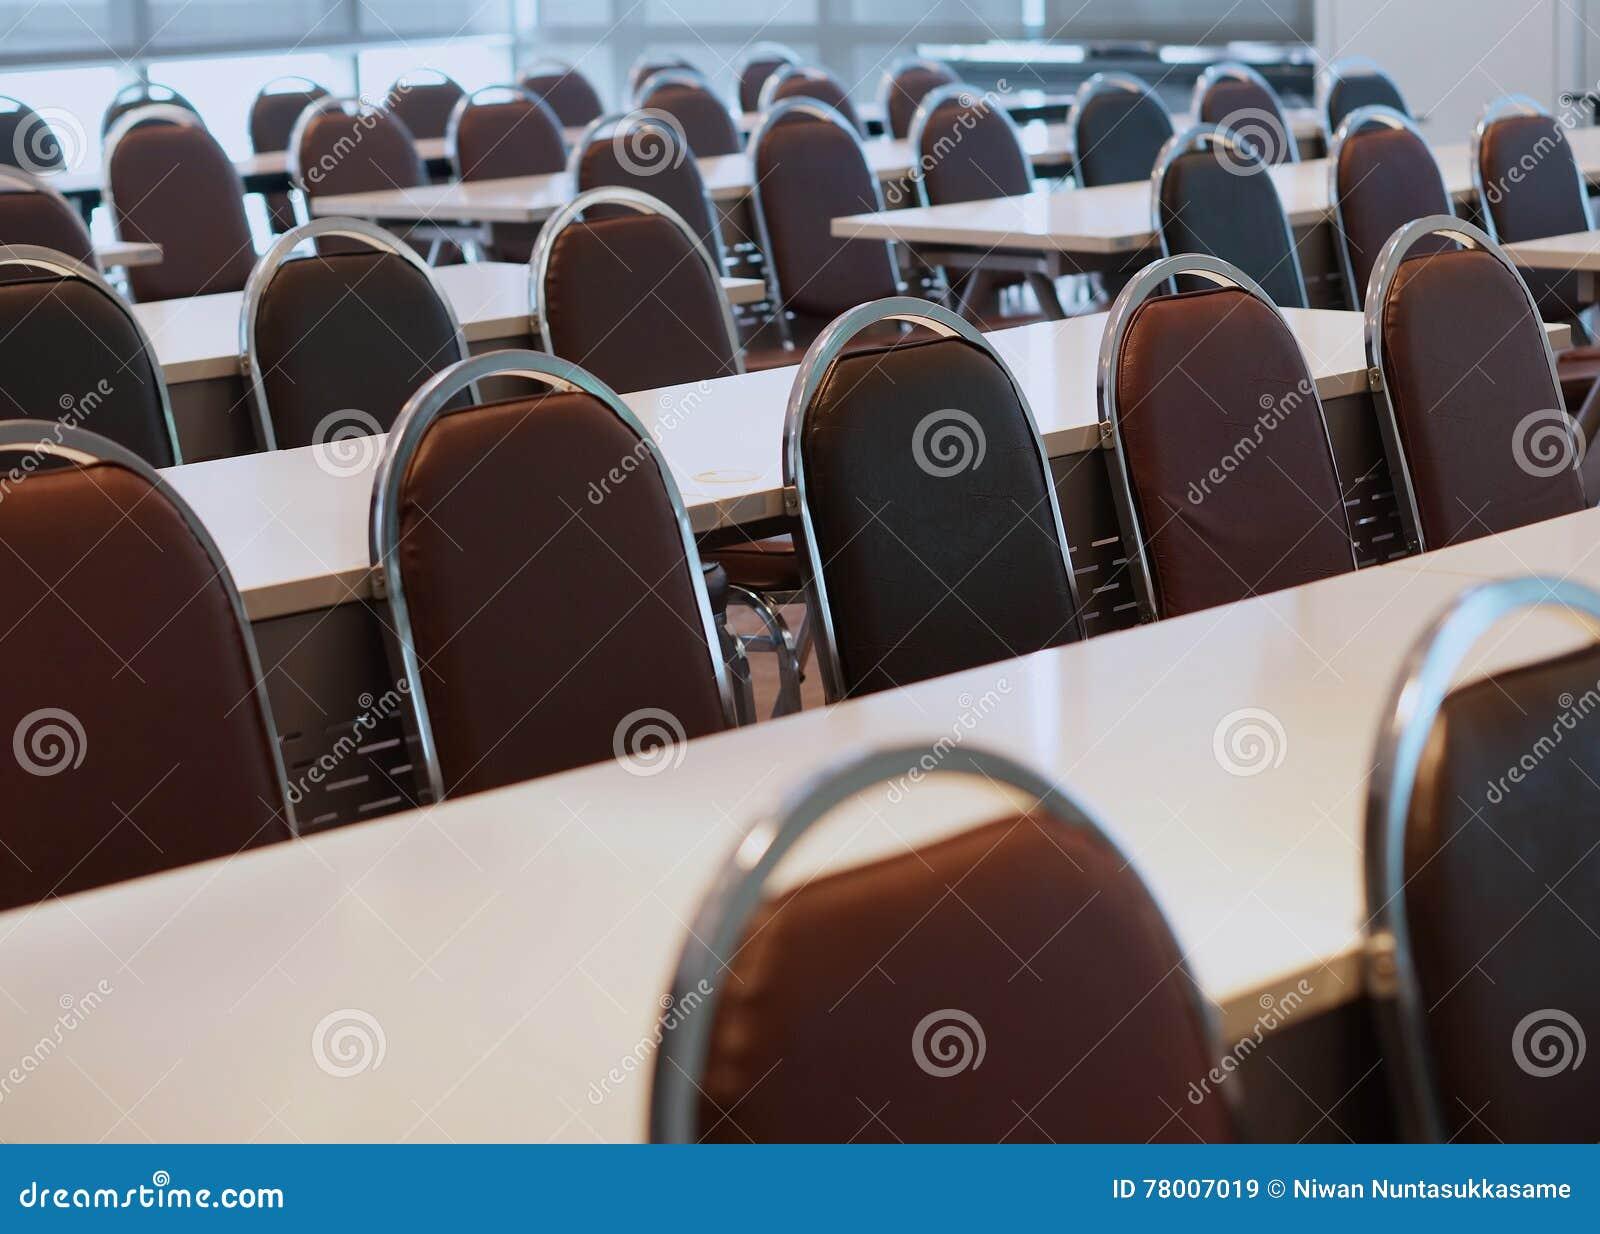 Konferenzsaal in der Universität für Studie